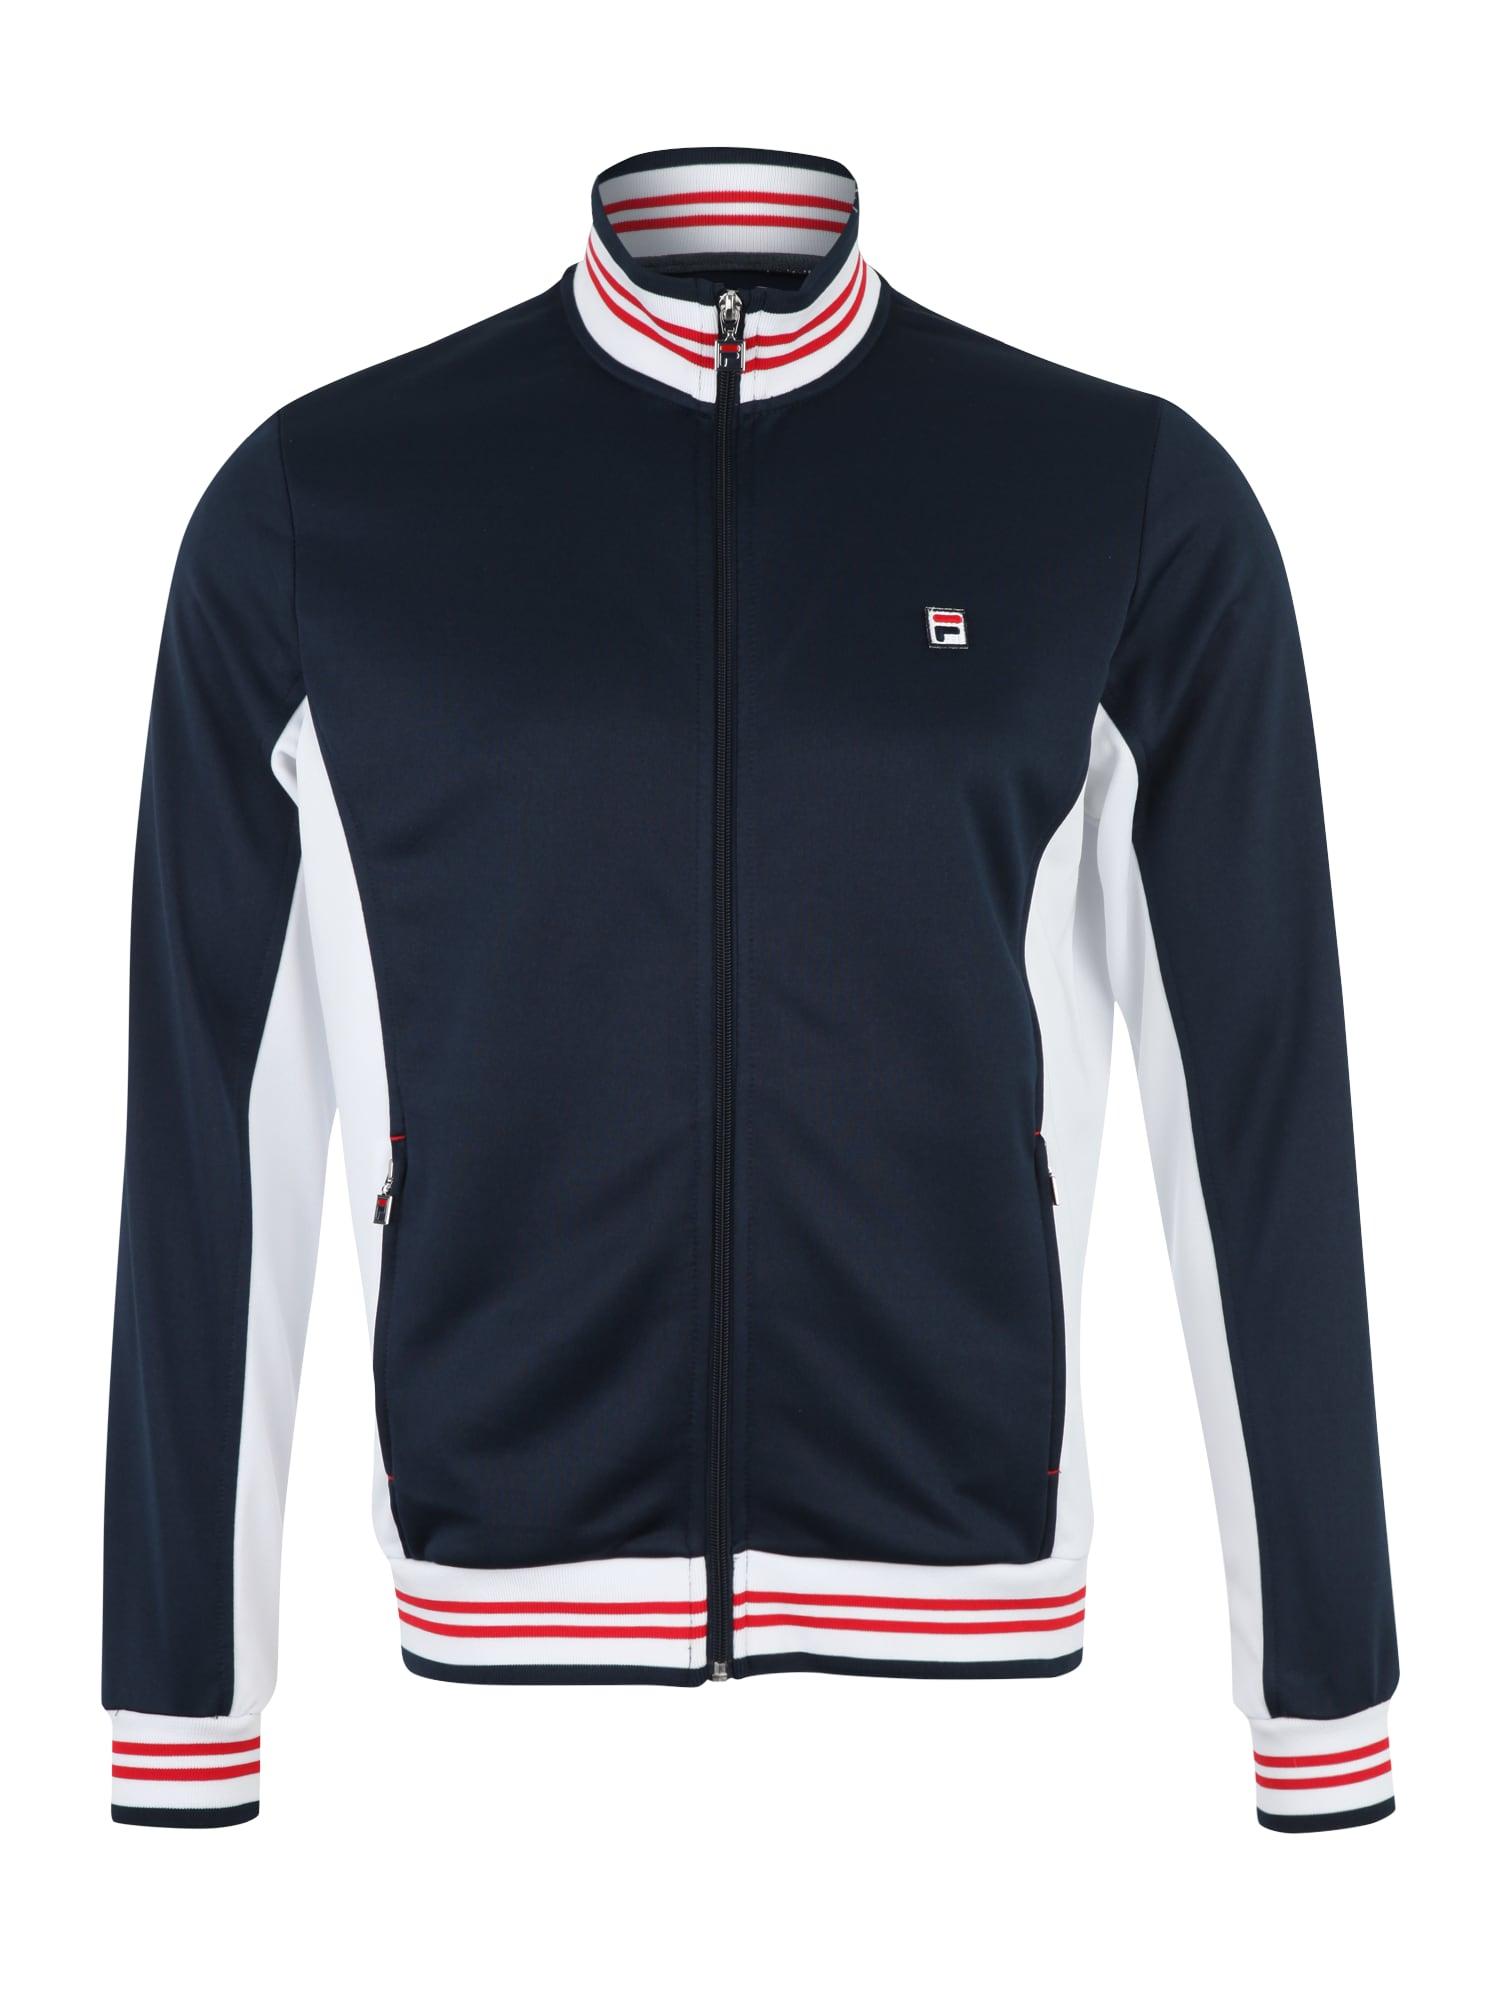 Sportovní bunda Ole modrá červená bílá FILA